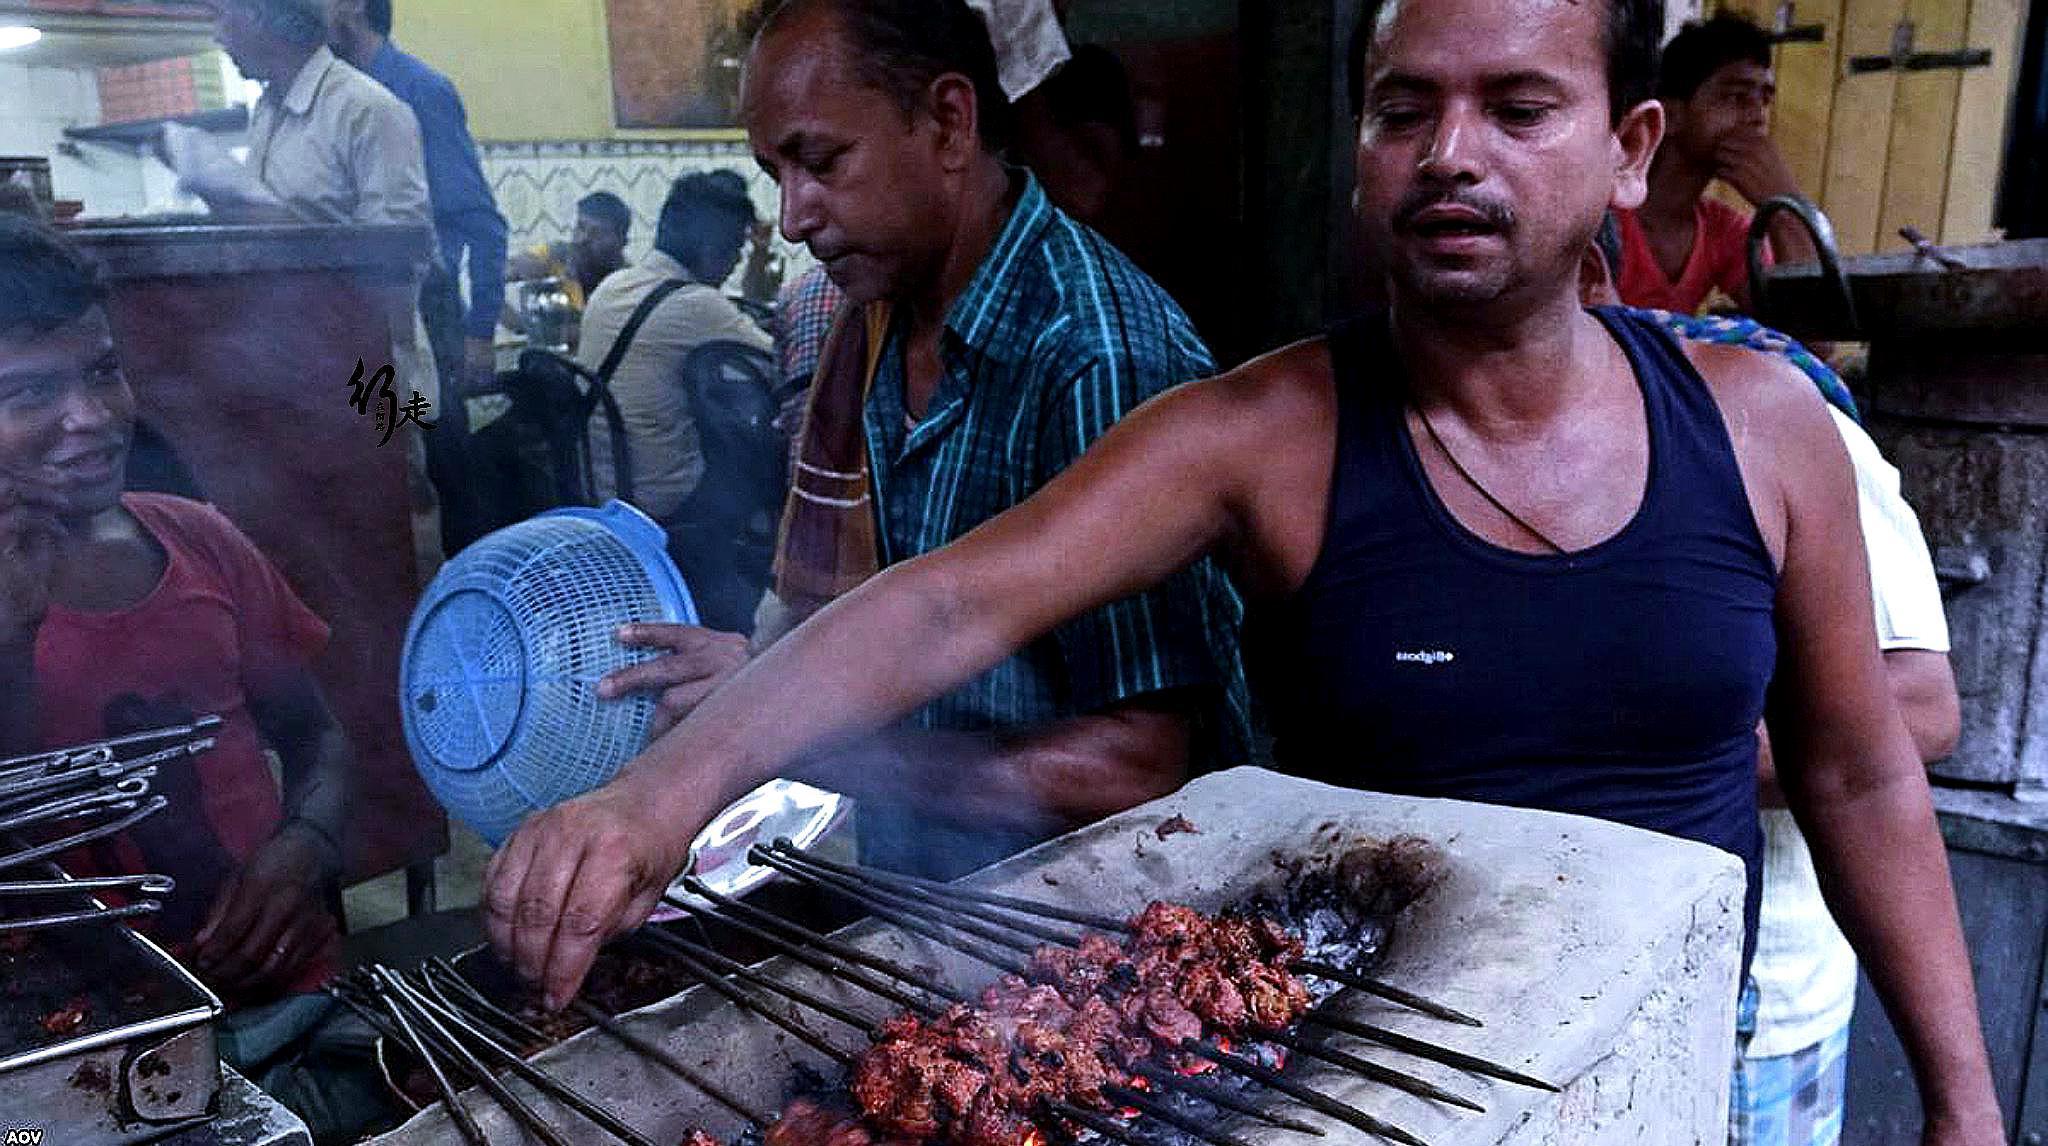 流行吃素的邻国:38%国民长期吃素,年轻人只能偷偷吃肉